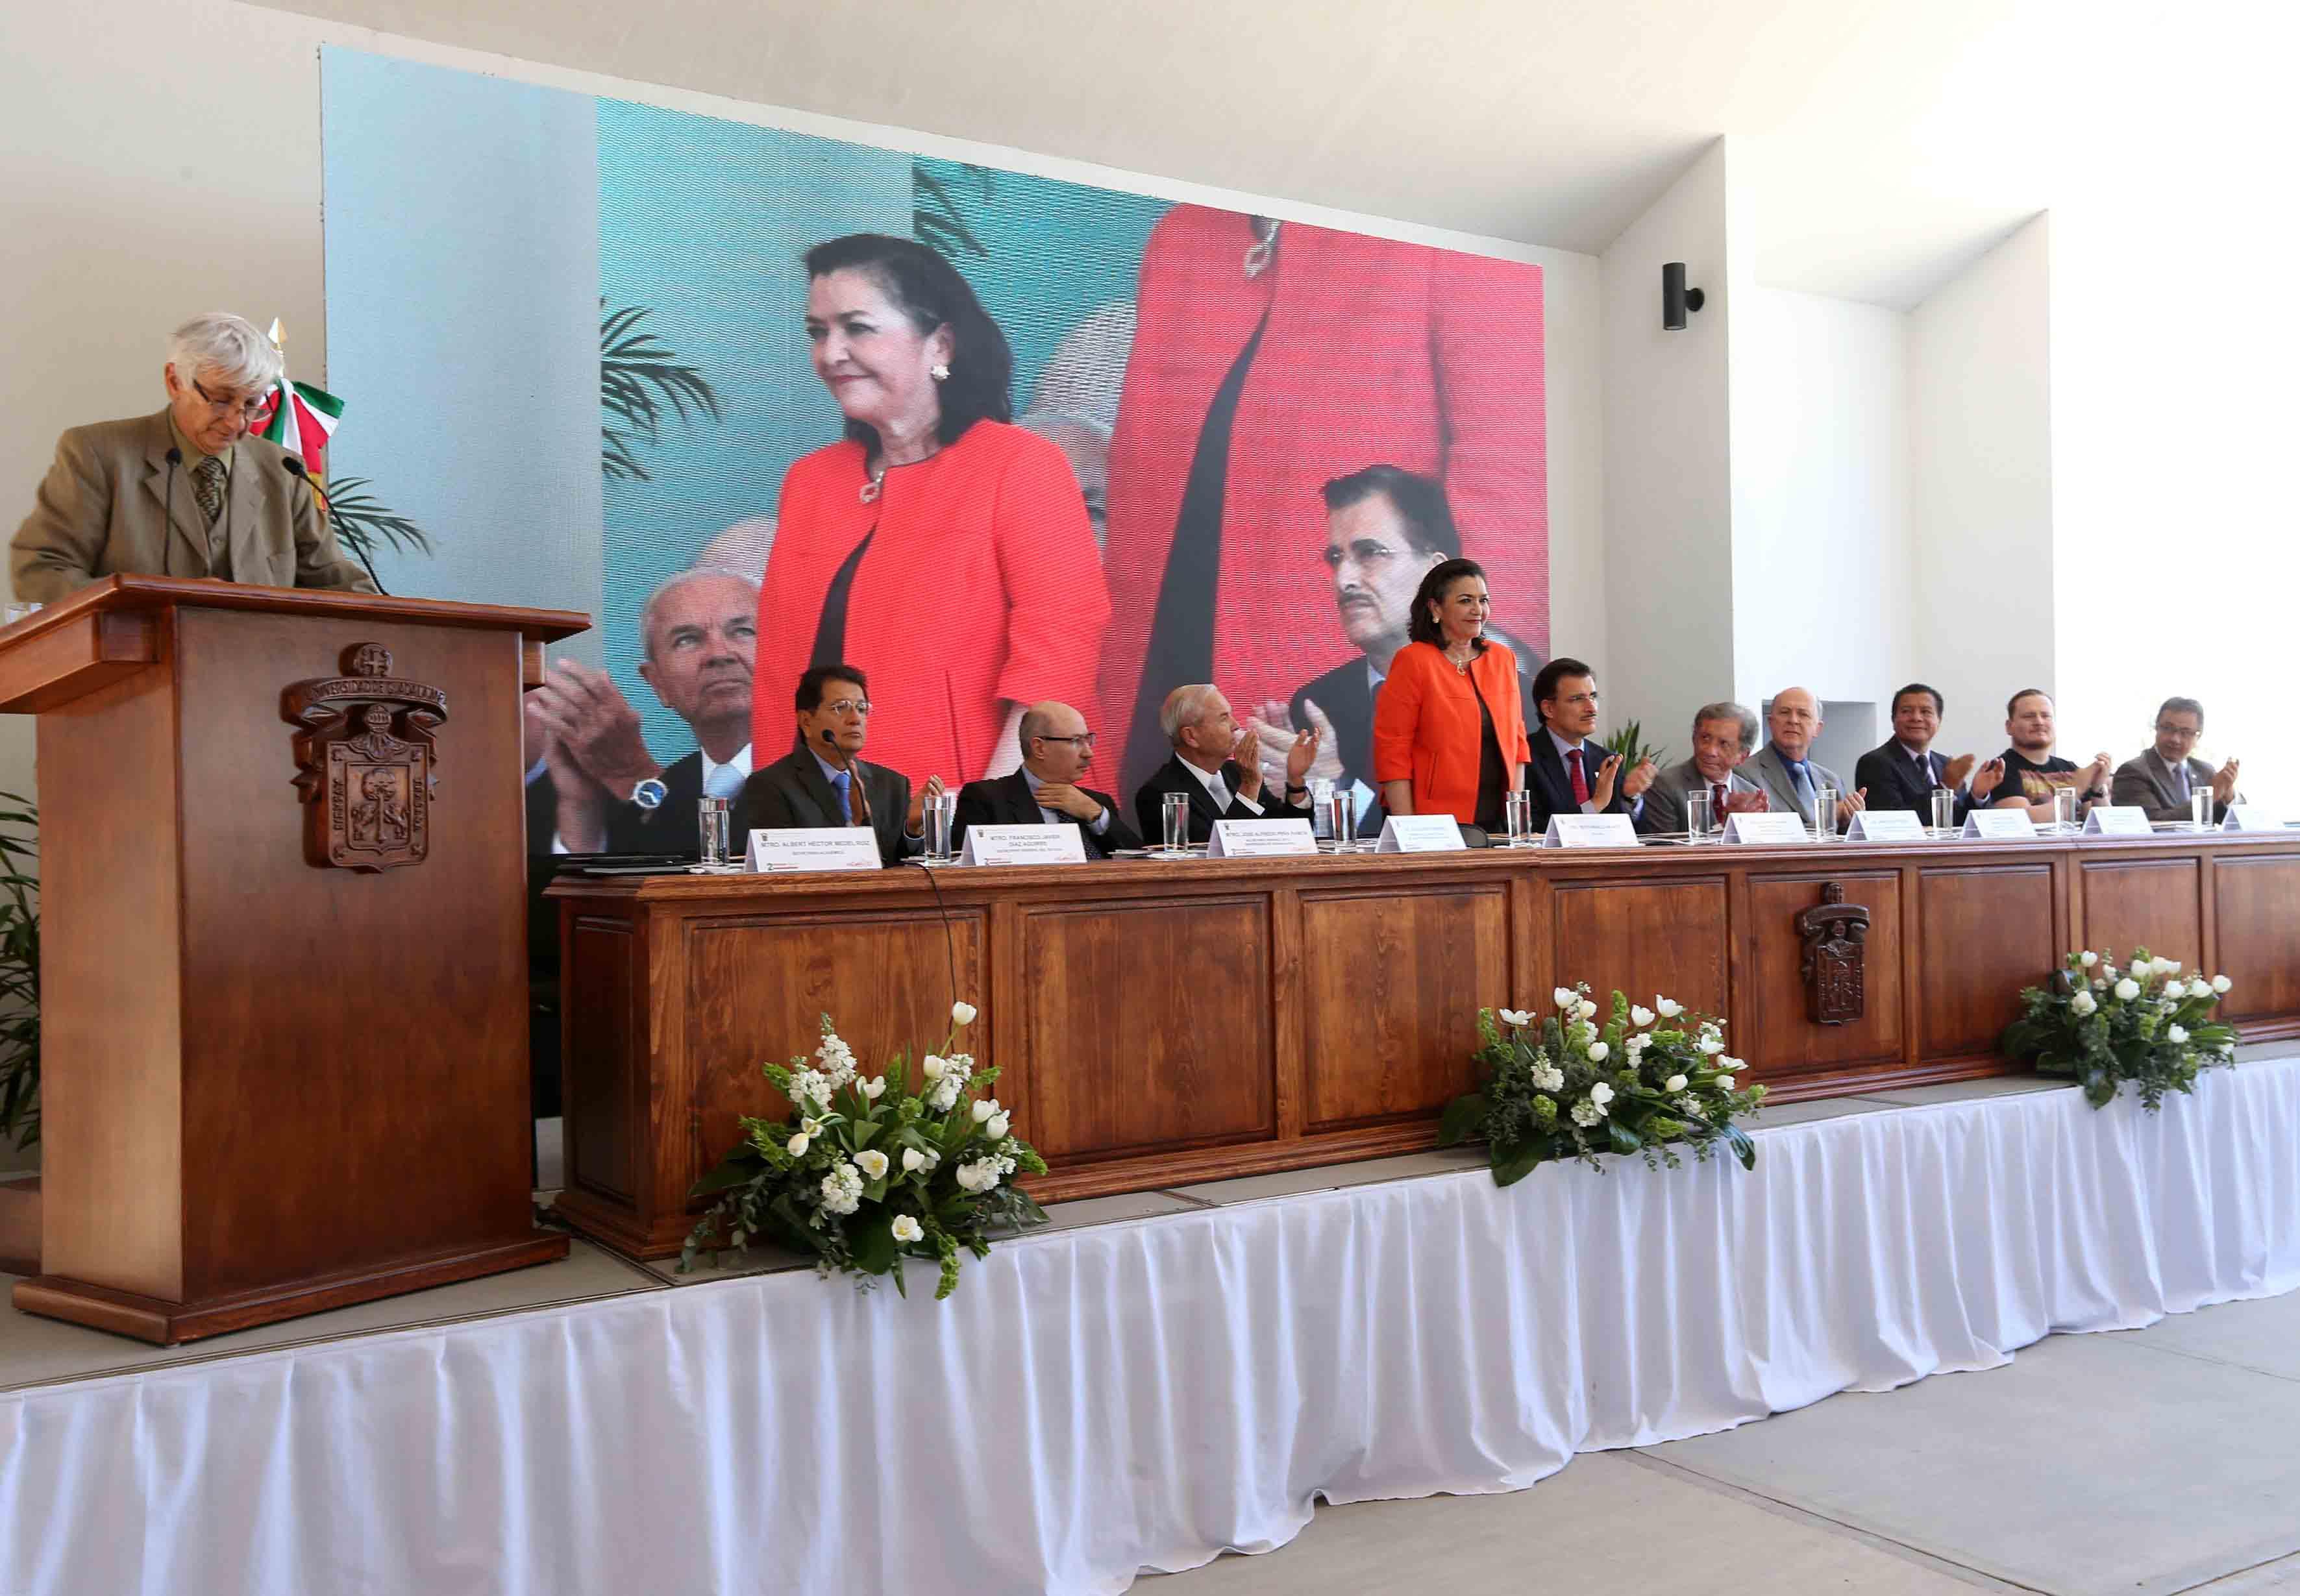 Presentación de Dra. Ruth Padilla Muños rectora de CUtonala